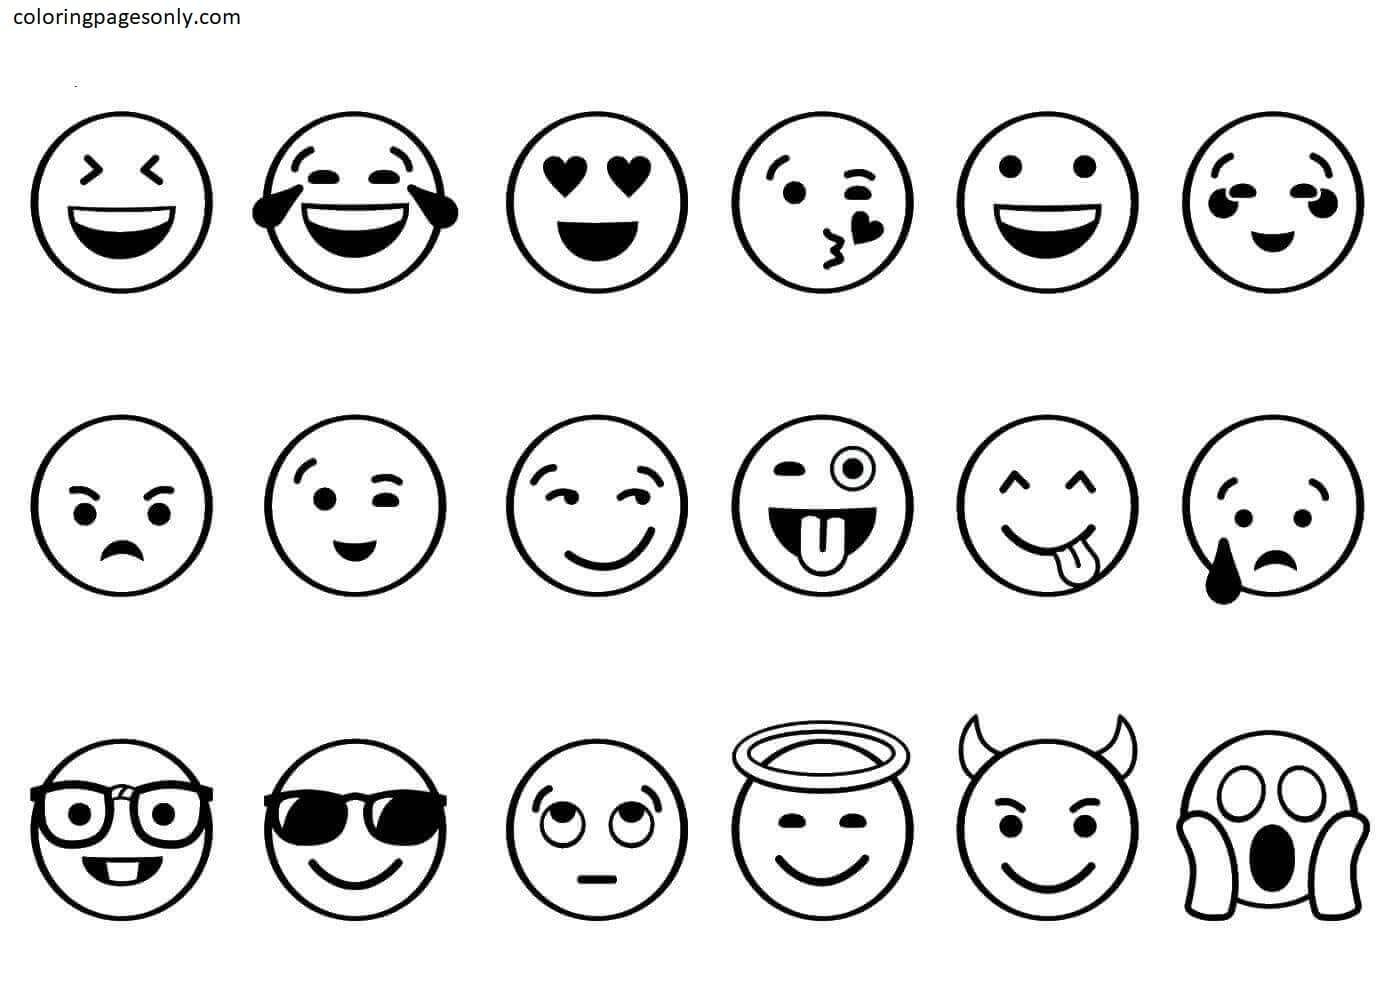 Free Printable Emojis Coloring Page